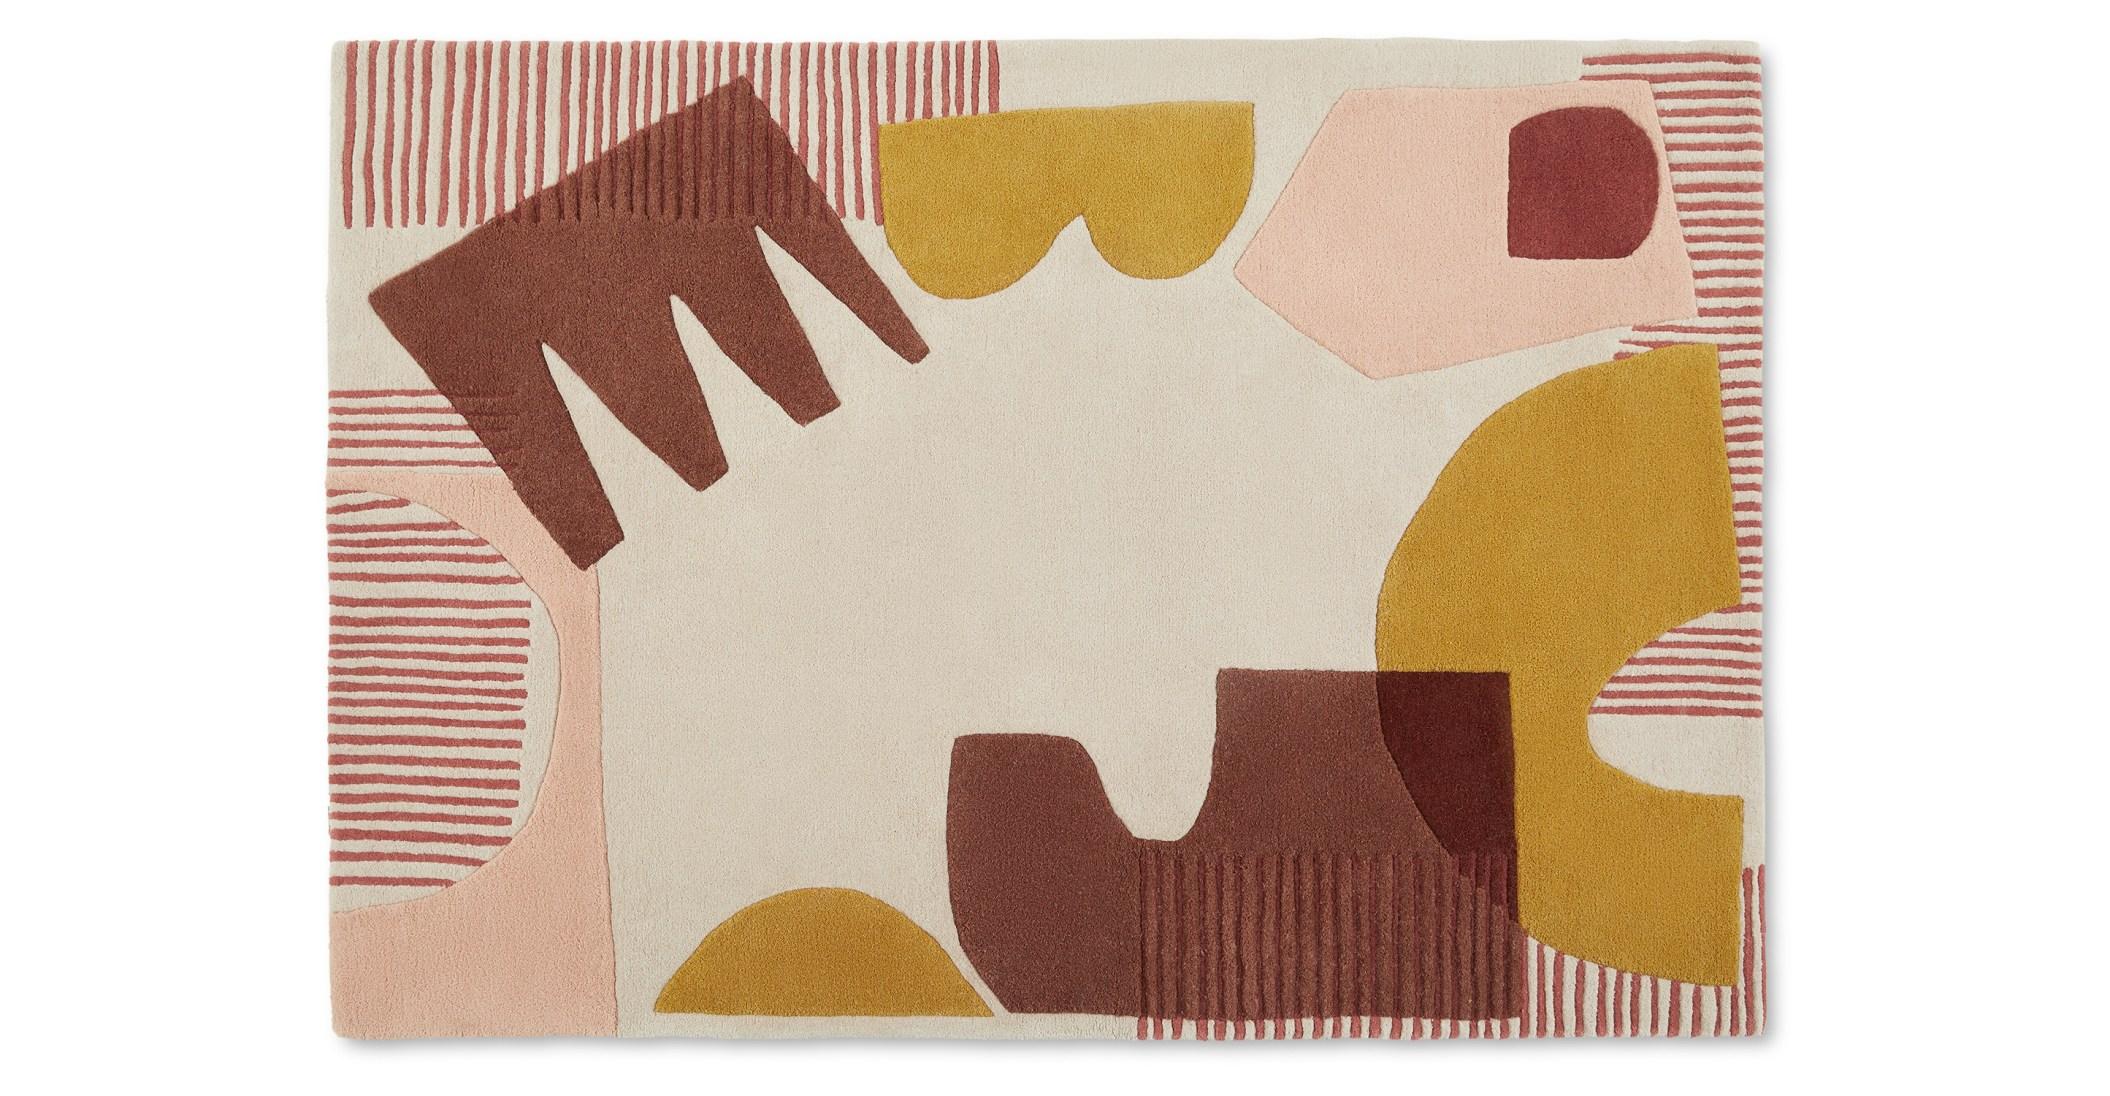 Zola Alfombra anudada de lana Zola, 160 x 230 cm, multicolor